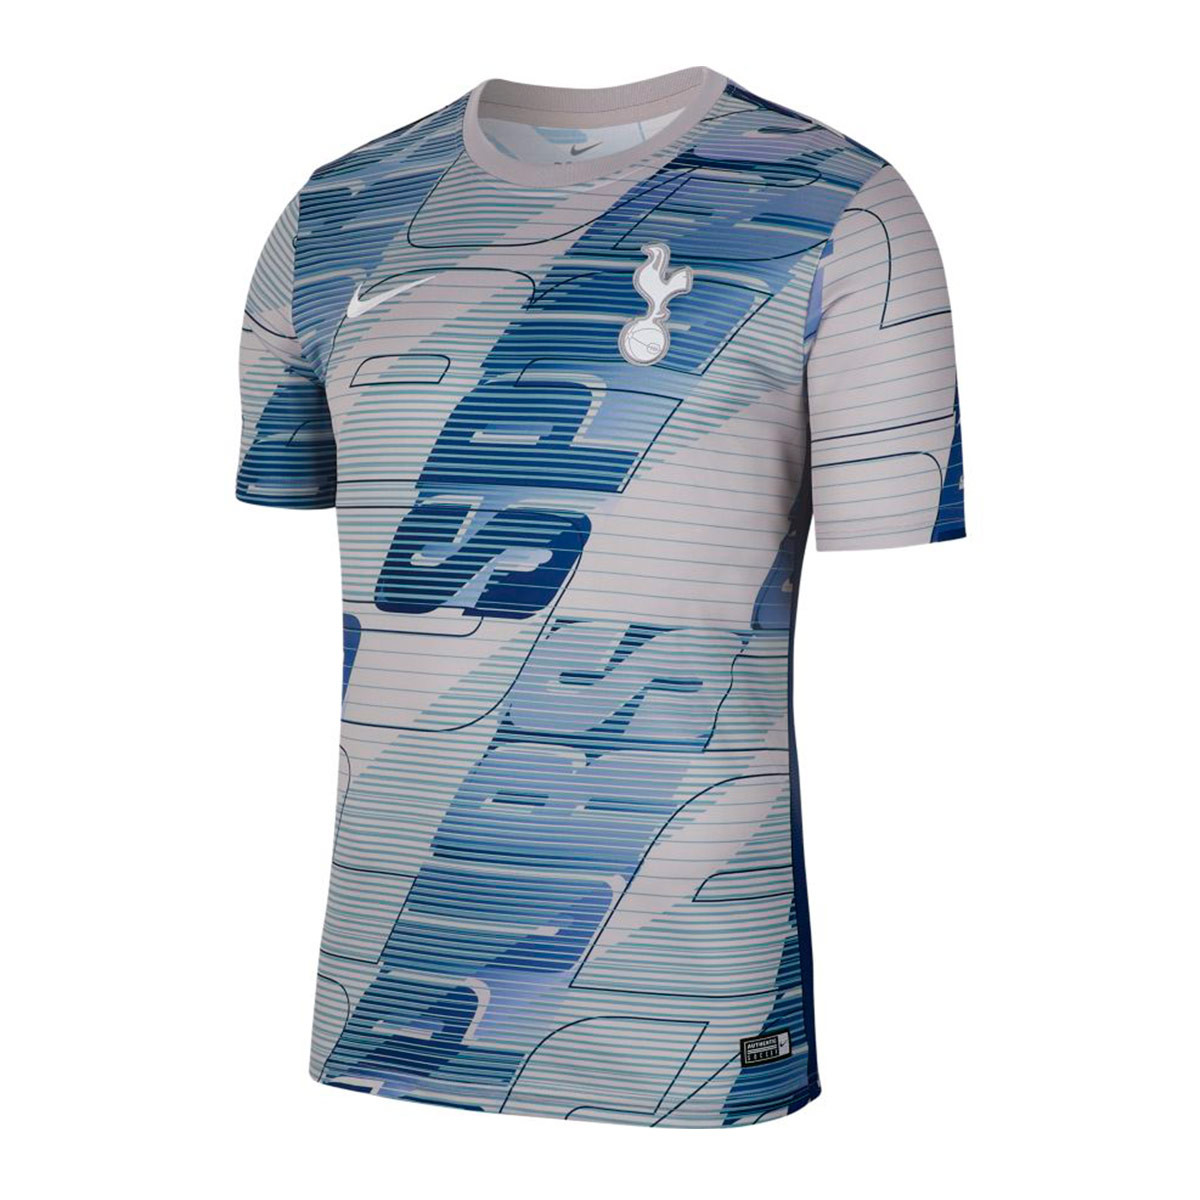 Elucidación seno Premedicación  Jersey Nike Tottenham Hotspur Dry 2019-2020 Atmosphere grey-Binary  blue-White - Football store Fútbol Emotion